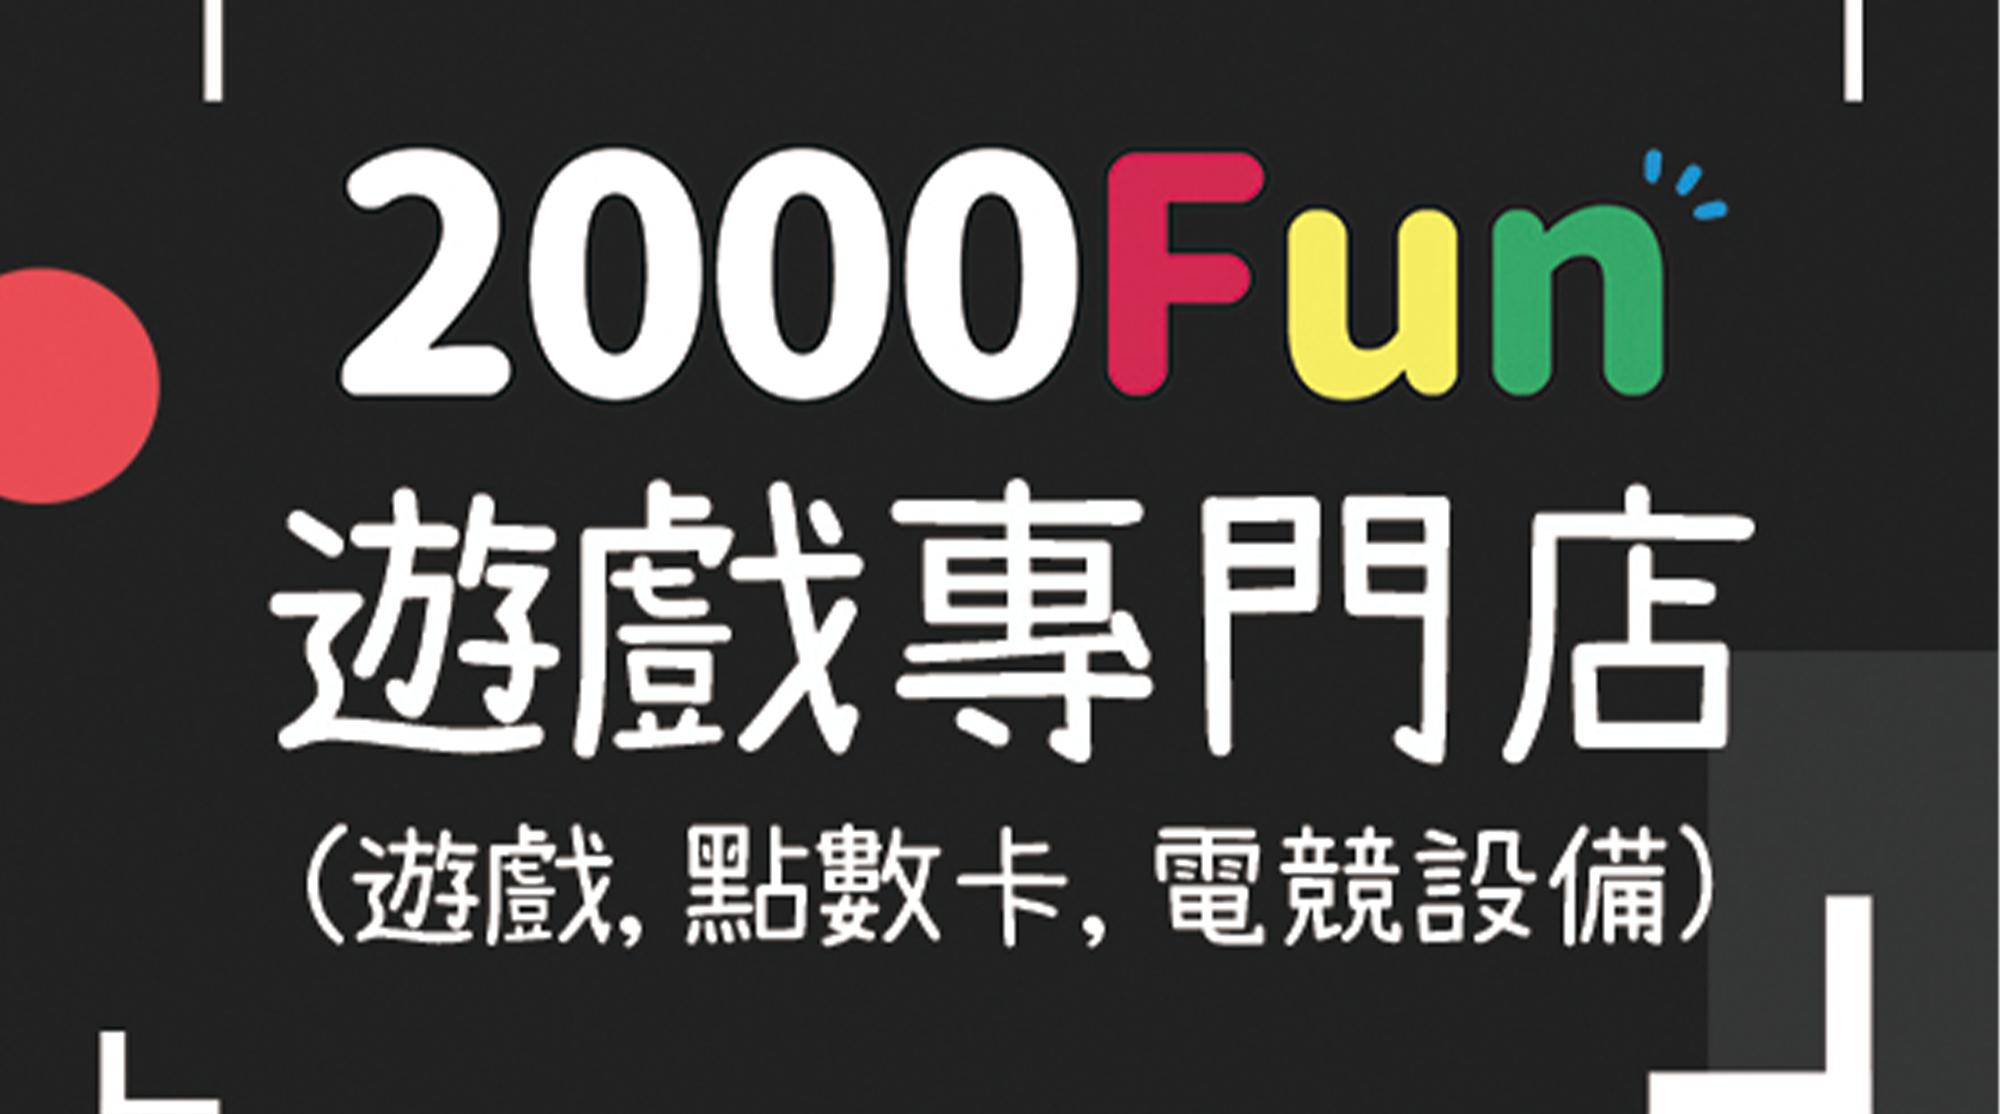 2000 Fun网络游戏专门店